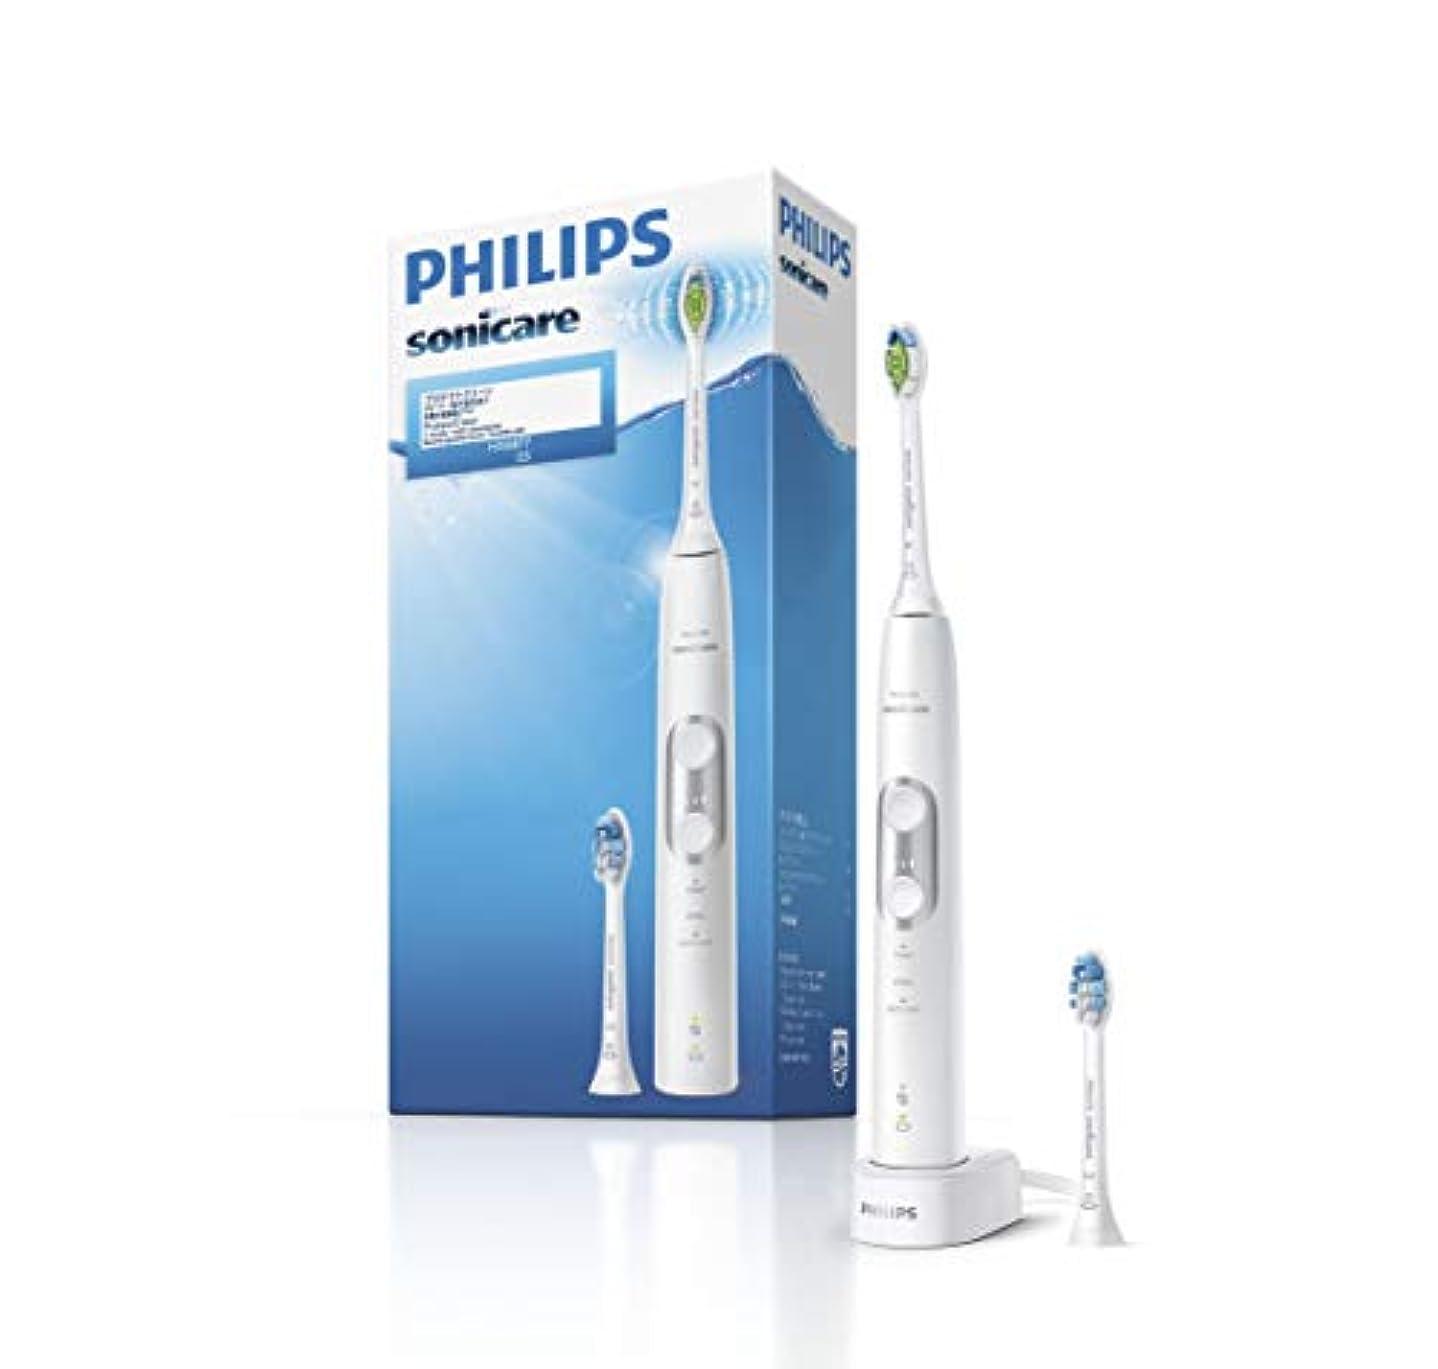 ここにロック解除遺伝的フィリップス ソニッケアー プロテクトクリーン プレミアム 電動歯ブラシ ホワイト HX6877/25